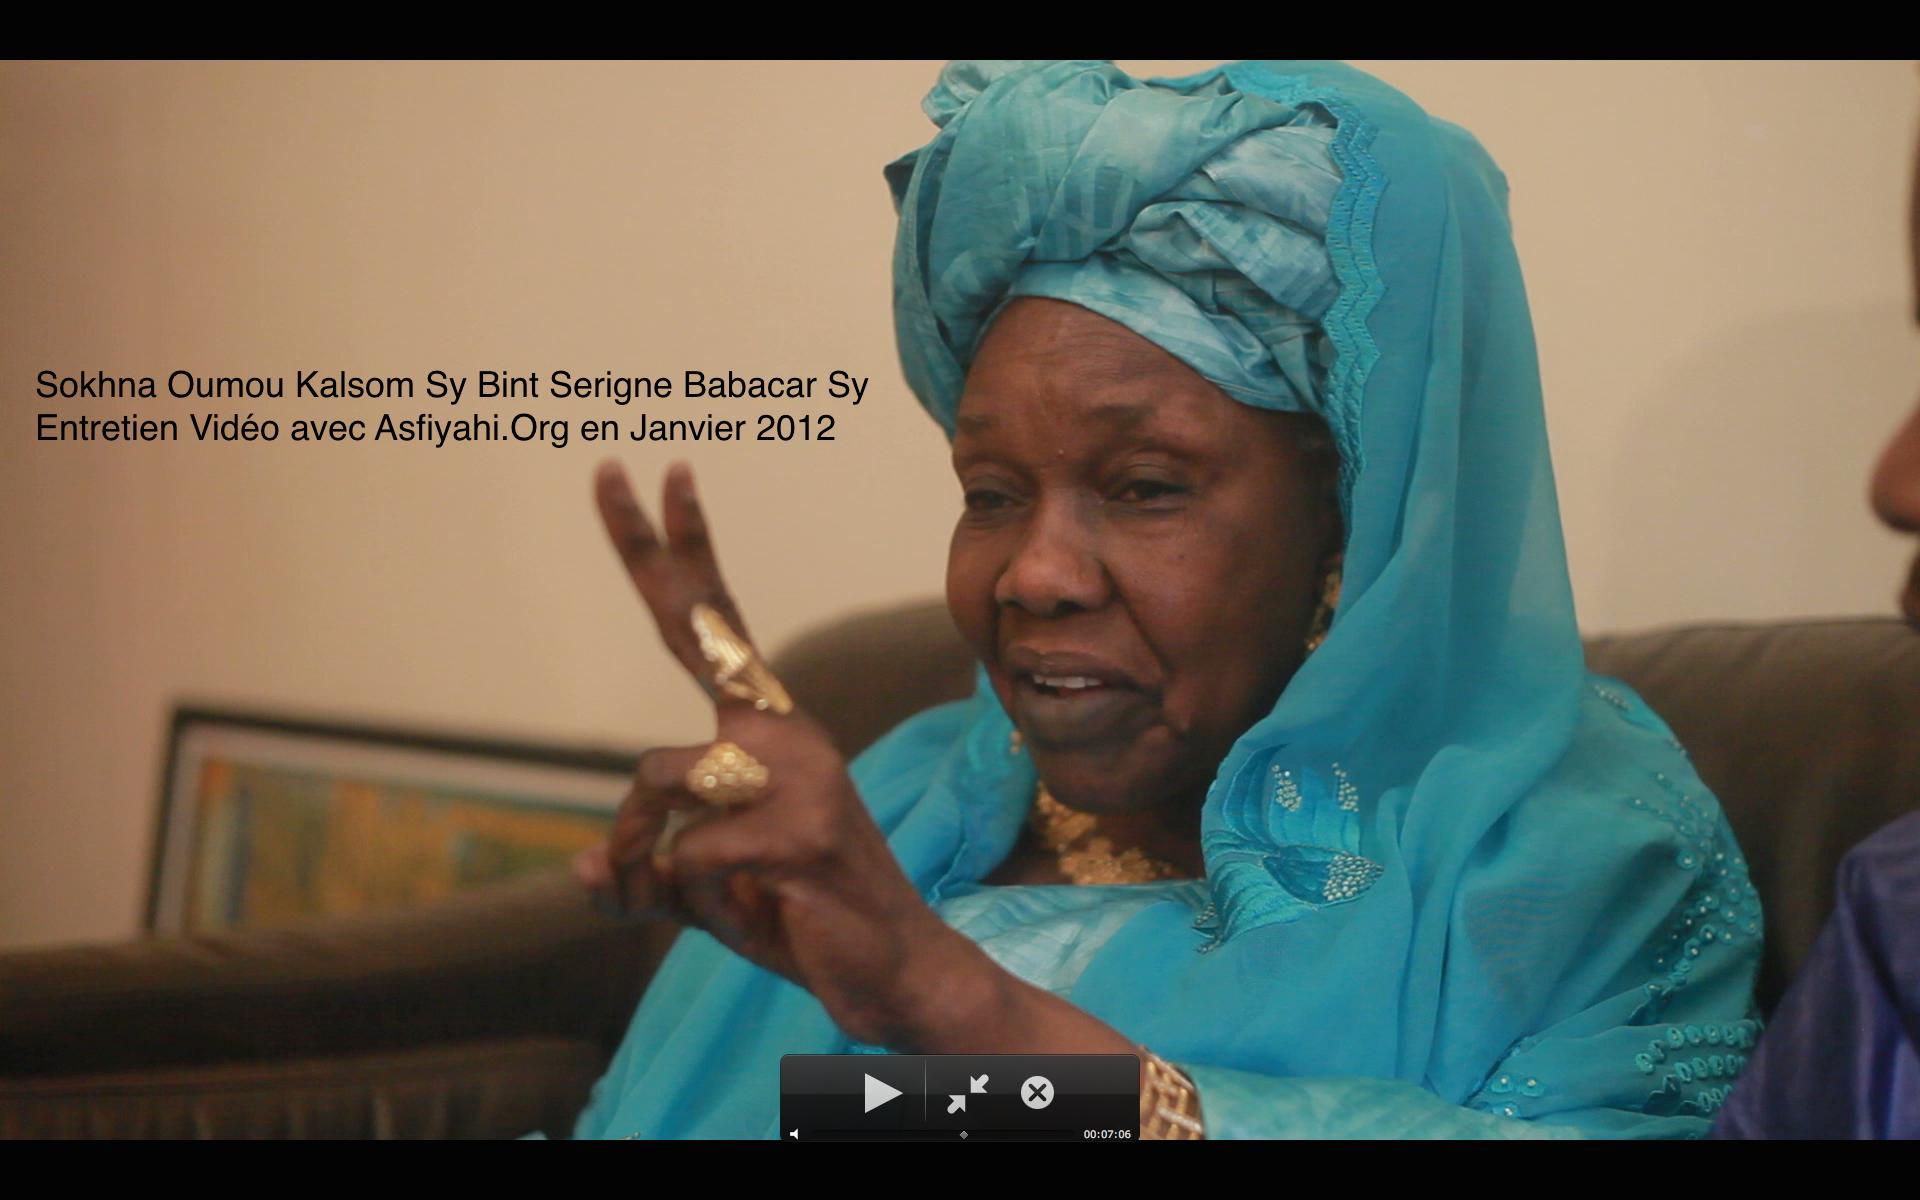 SOUVENIR - 18 Mars 2015 - 18 Mars 2019 - Sokhna Oumou Kalsoum Sy Bint Serigne Babacar Sy, cette légende racontée